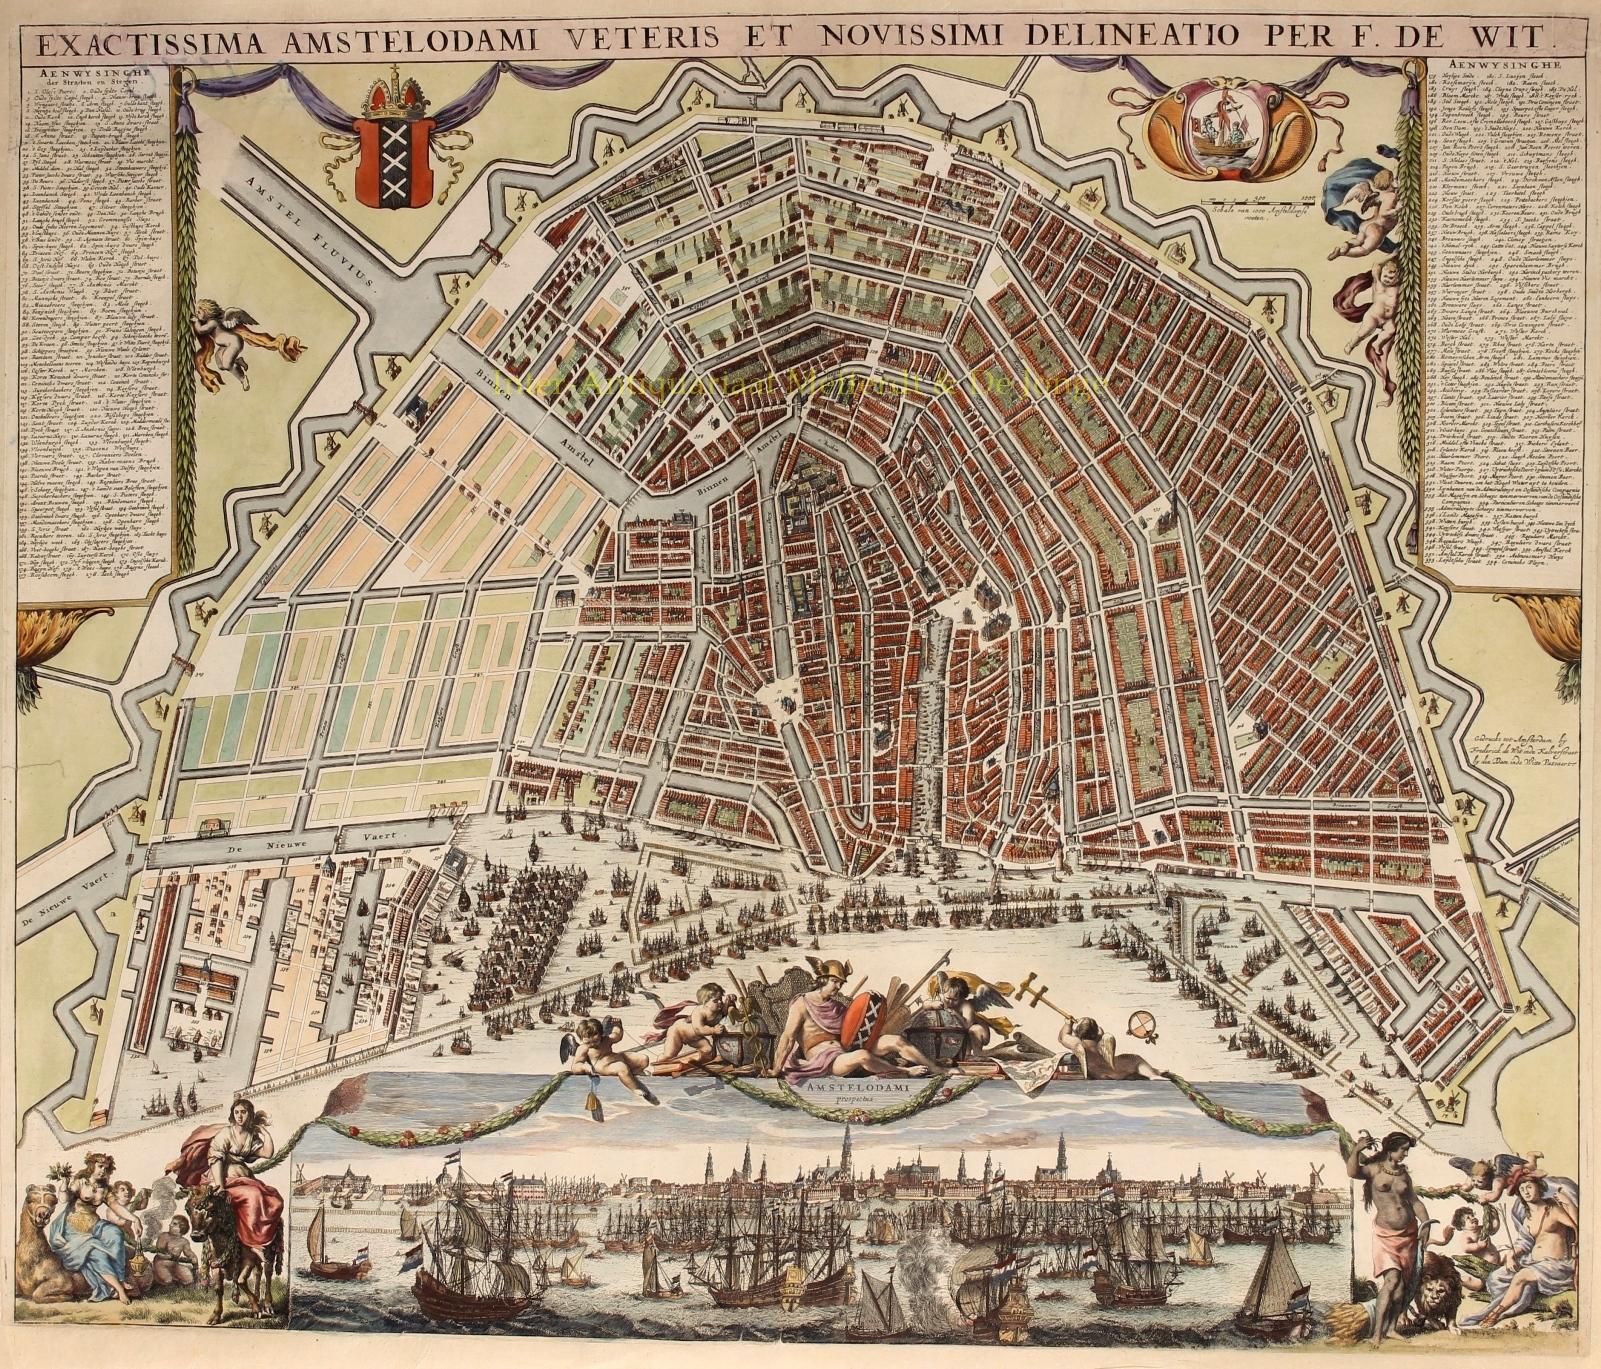 Antieke Kaart Van Amsterdam Gouden Eeuw Plattegrond 17e Eeuw